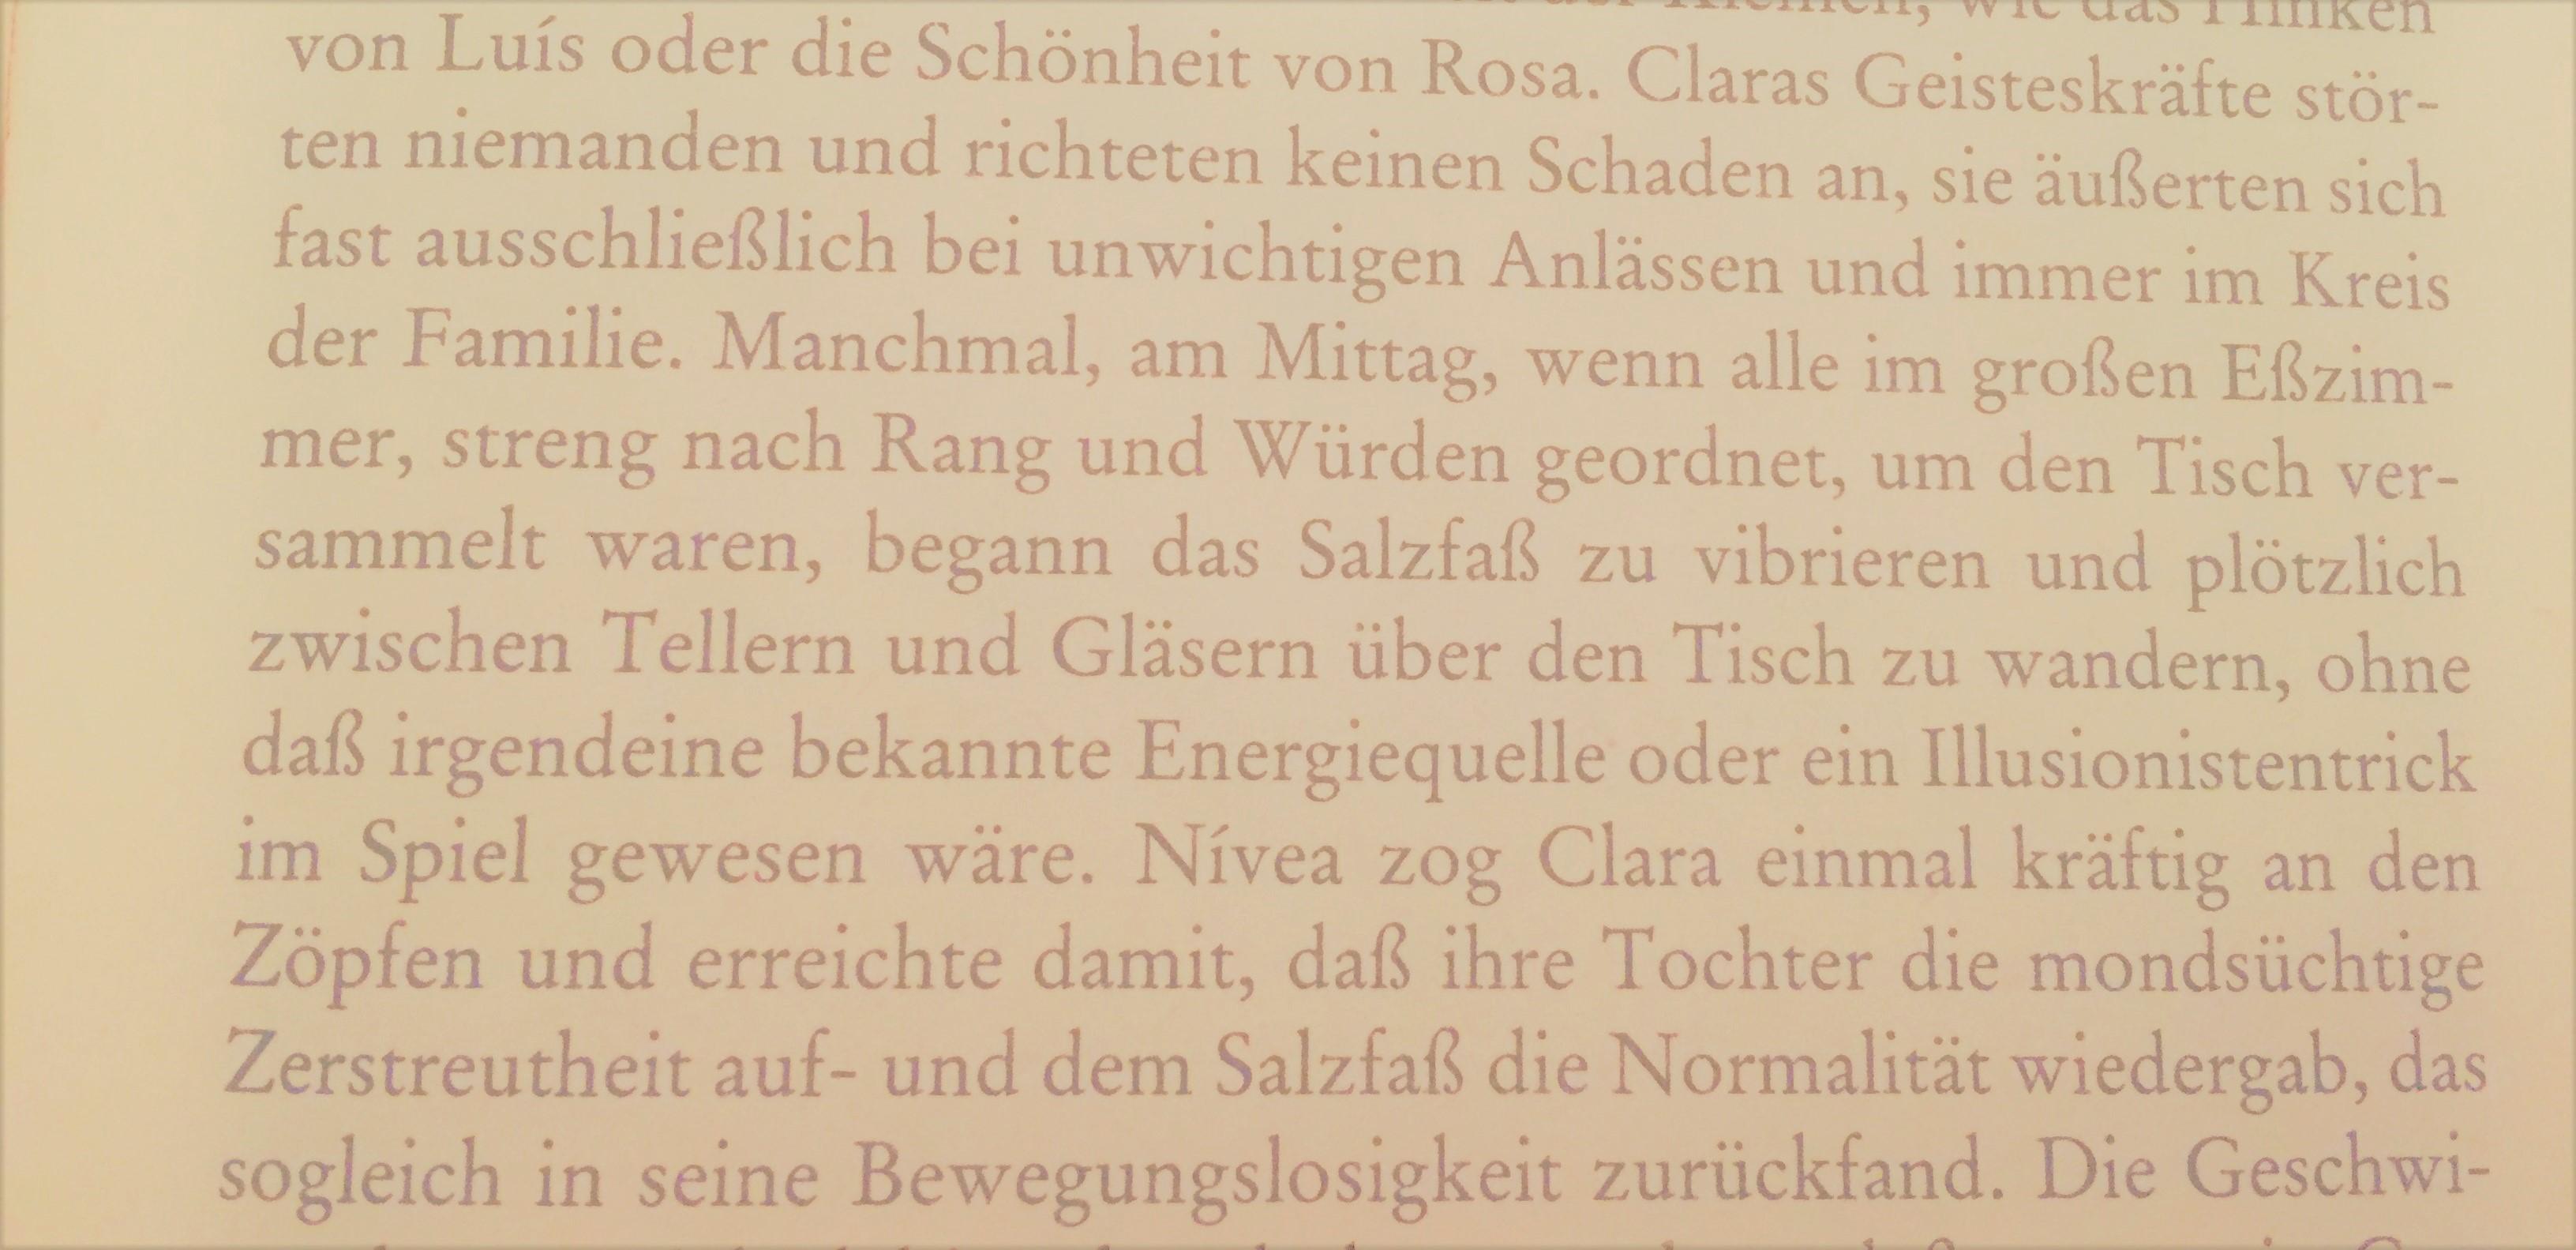 Startseite - zwischenbetrachtung.de